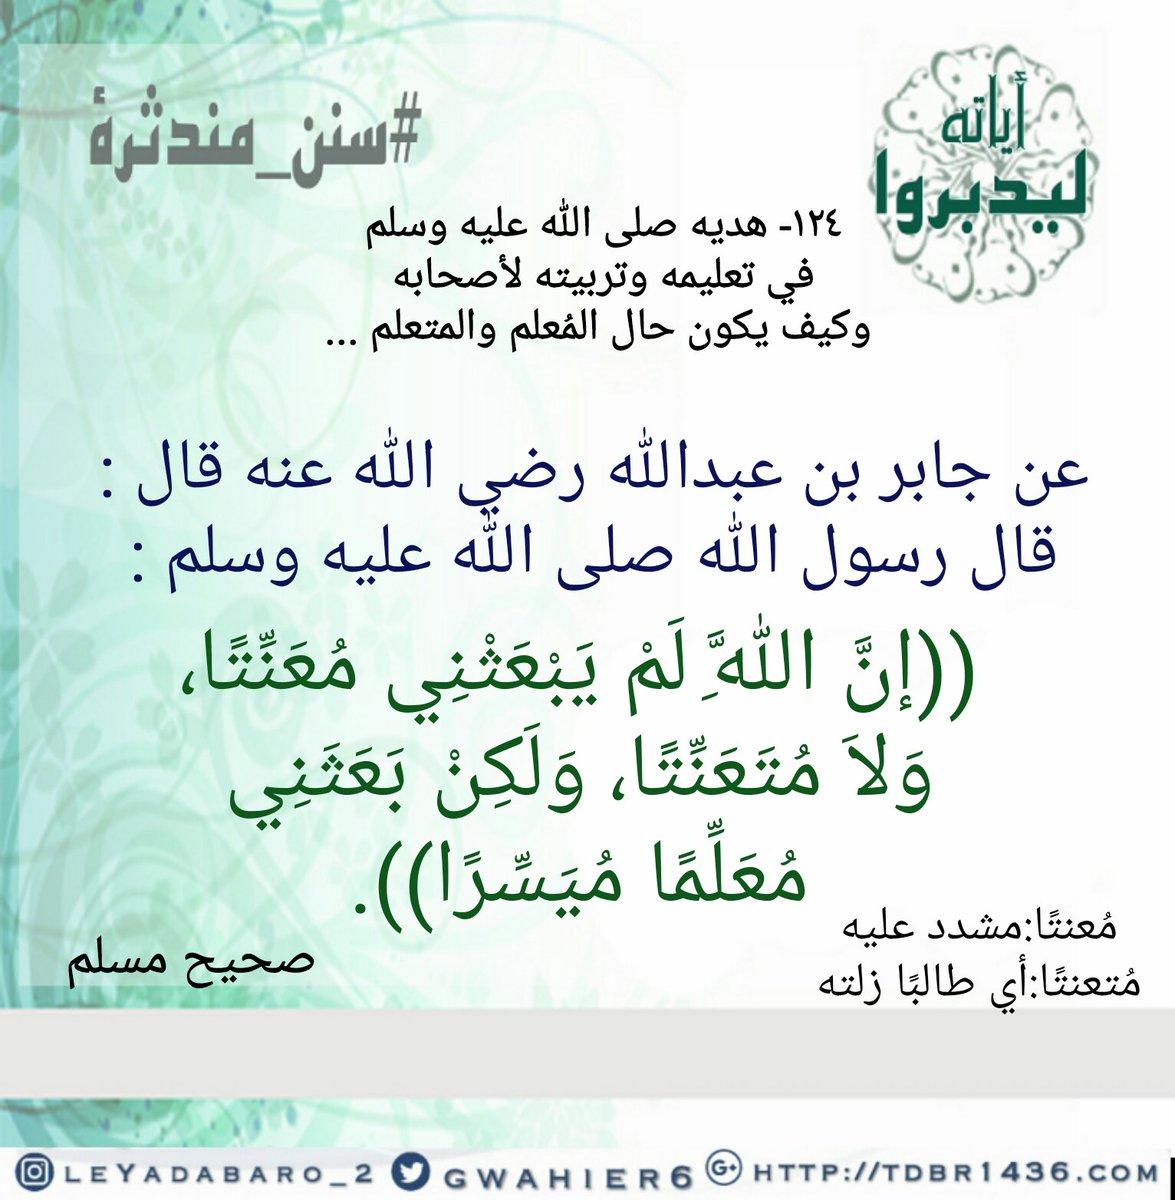 """د. عبدالعزيز الشايع on Twitter: """"قال ﷺ : """" إن الله لم يبعثني مُعَنِّتًا،  ولا مُتَعَنِّتًا، ولكن بعثني معلماً ميسراً """". #صحيح_مسلم(١٤٧٨) -(معنتا):أي  أشدد عليه، وألزمه ما يصعب عليه أداؤه. -(متعنتا):أدخل عليه"""